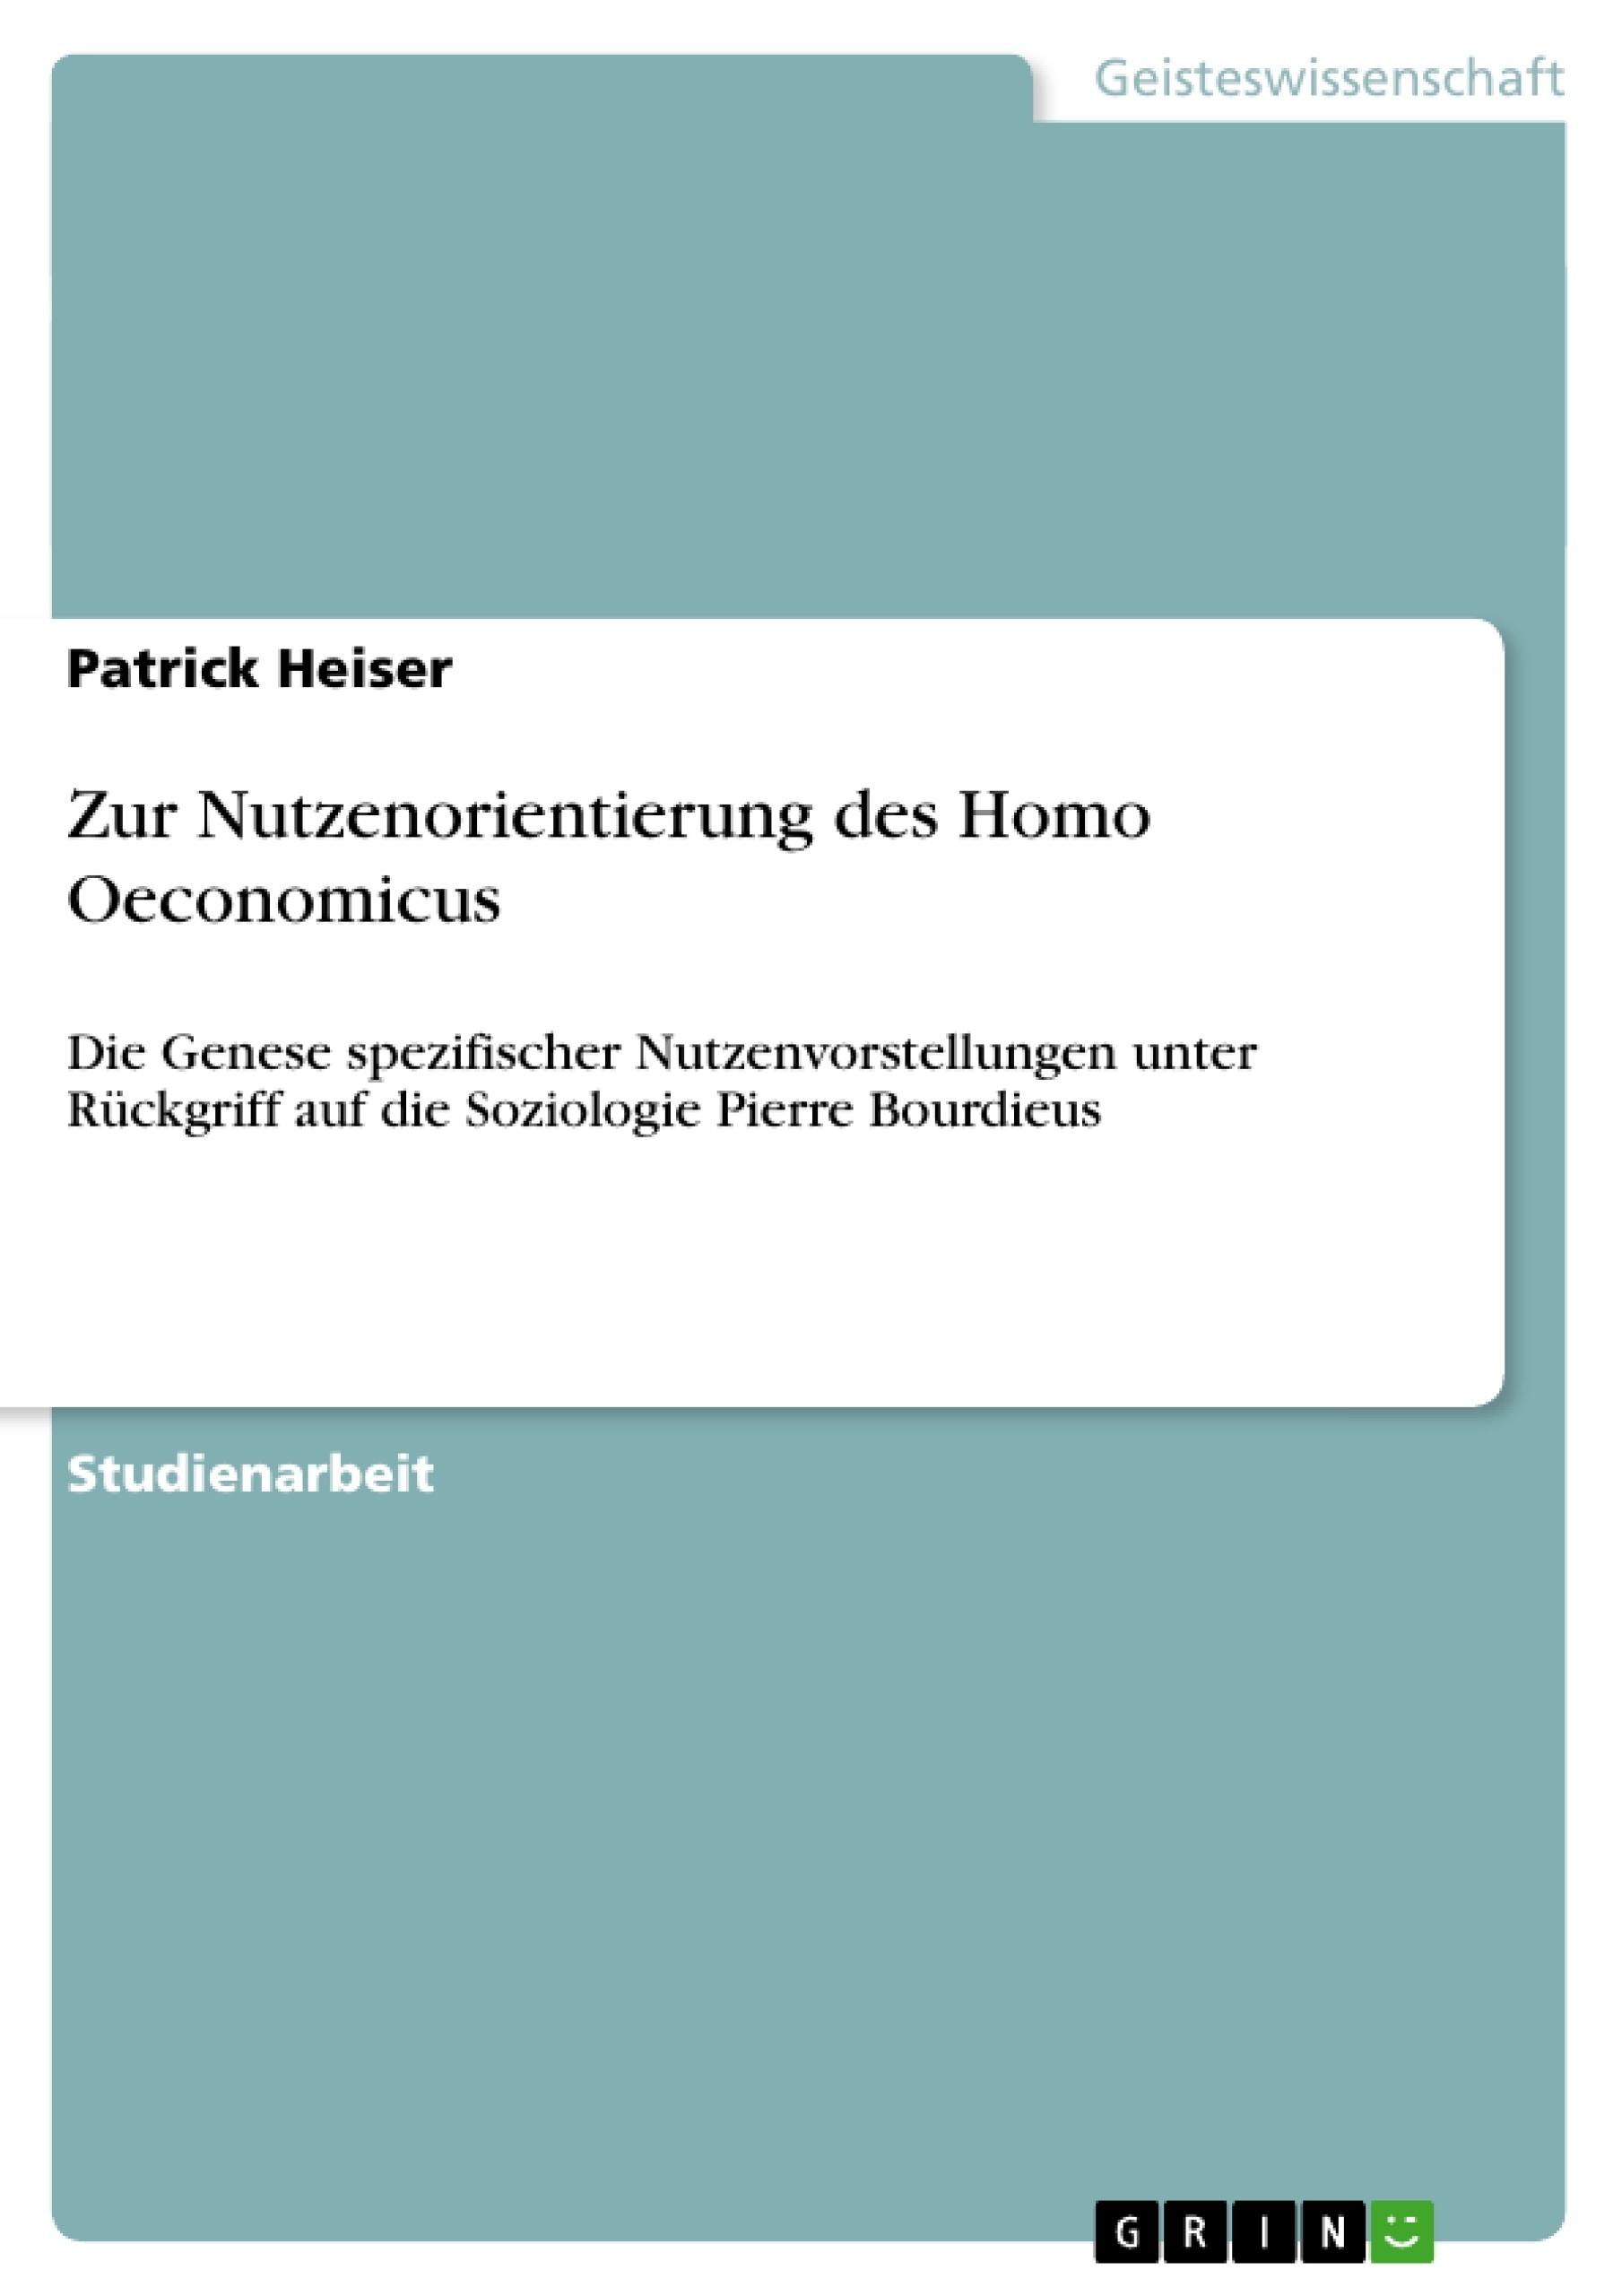 Titel: Zur Nutzenorientierung des Homo Oeconomicus